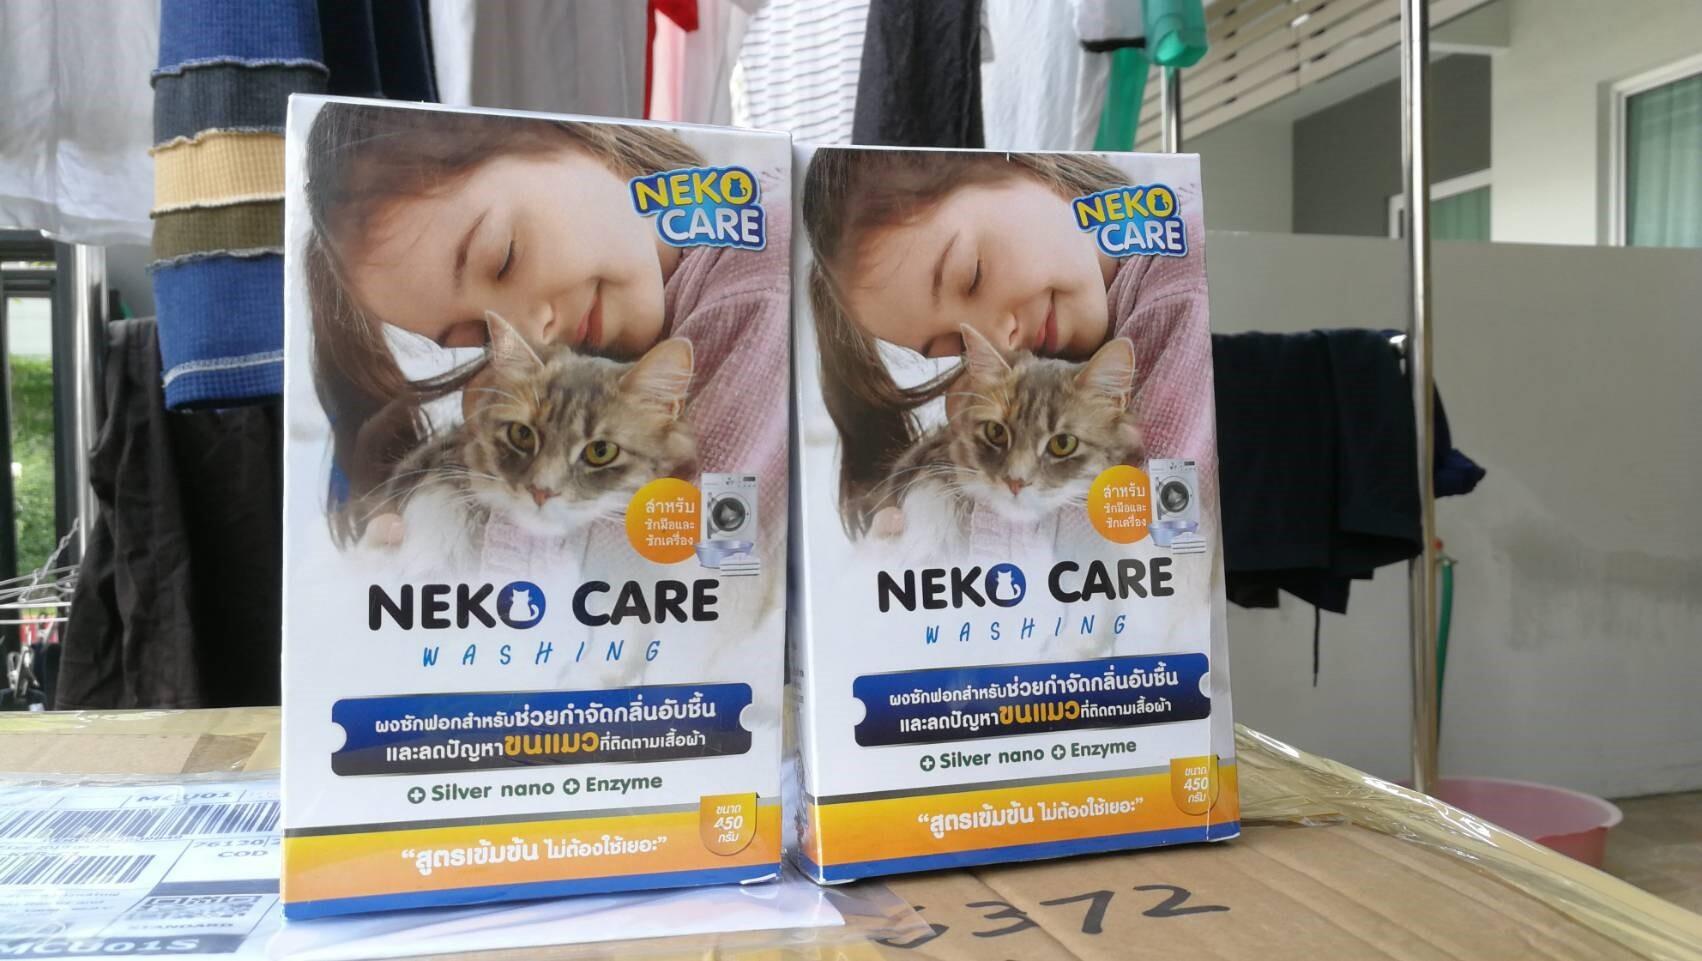 Neko Care ผงซักฟอกกำจัดขนแมว ขจัดขนแมว แก้ปัญหาขนแมวติดเสื้อผ้า ผงซักฟอกขจัดคราบ ผสมเอนไซม์ 2 กล่อง 900 กรัม.